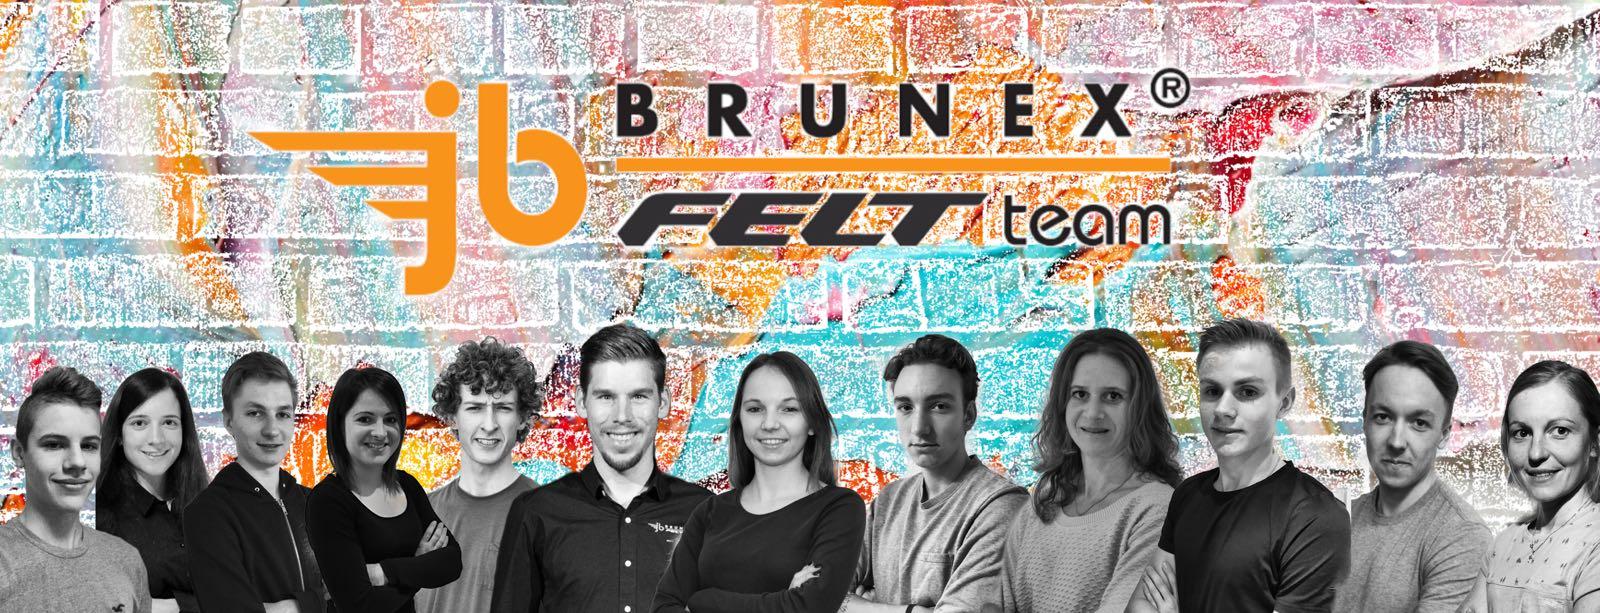 jb BRUNEX Felt Factory Team 2018